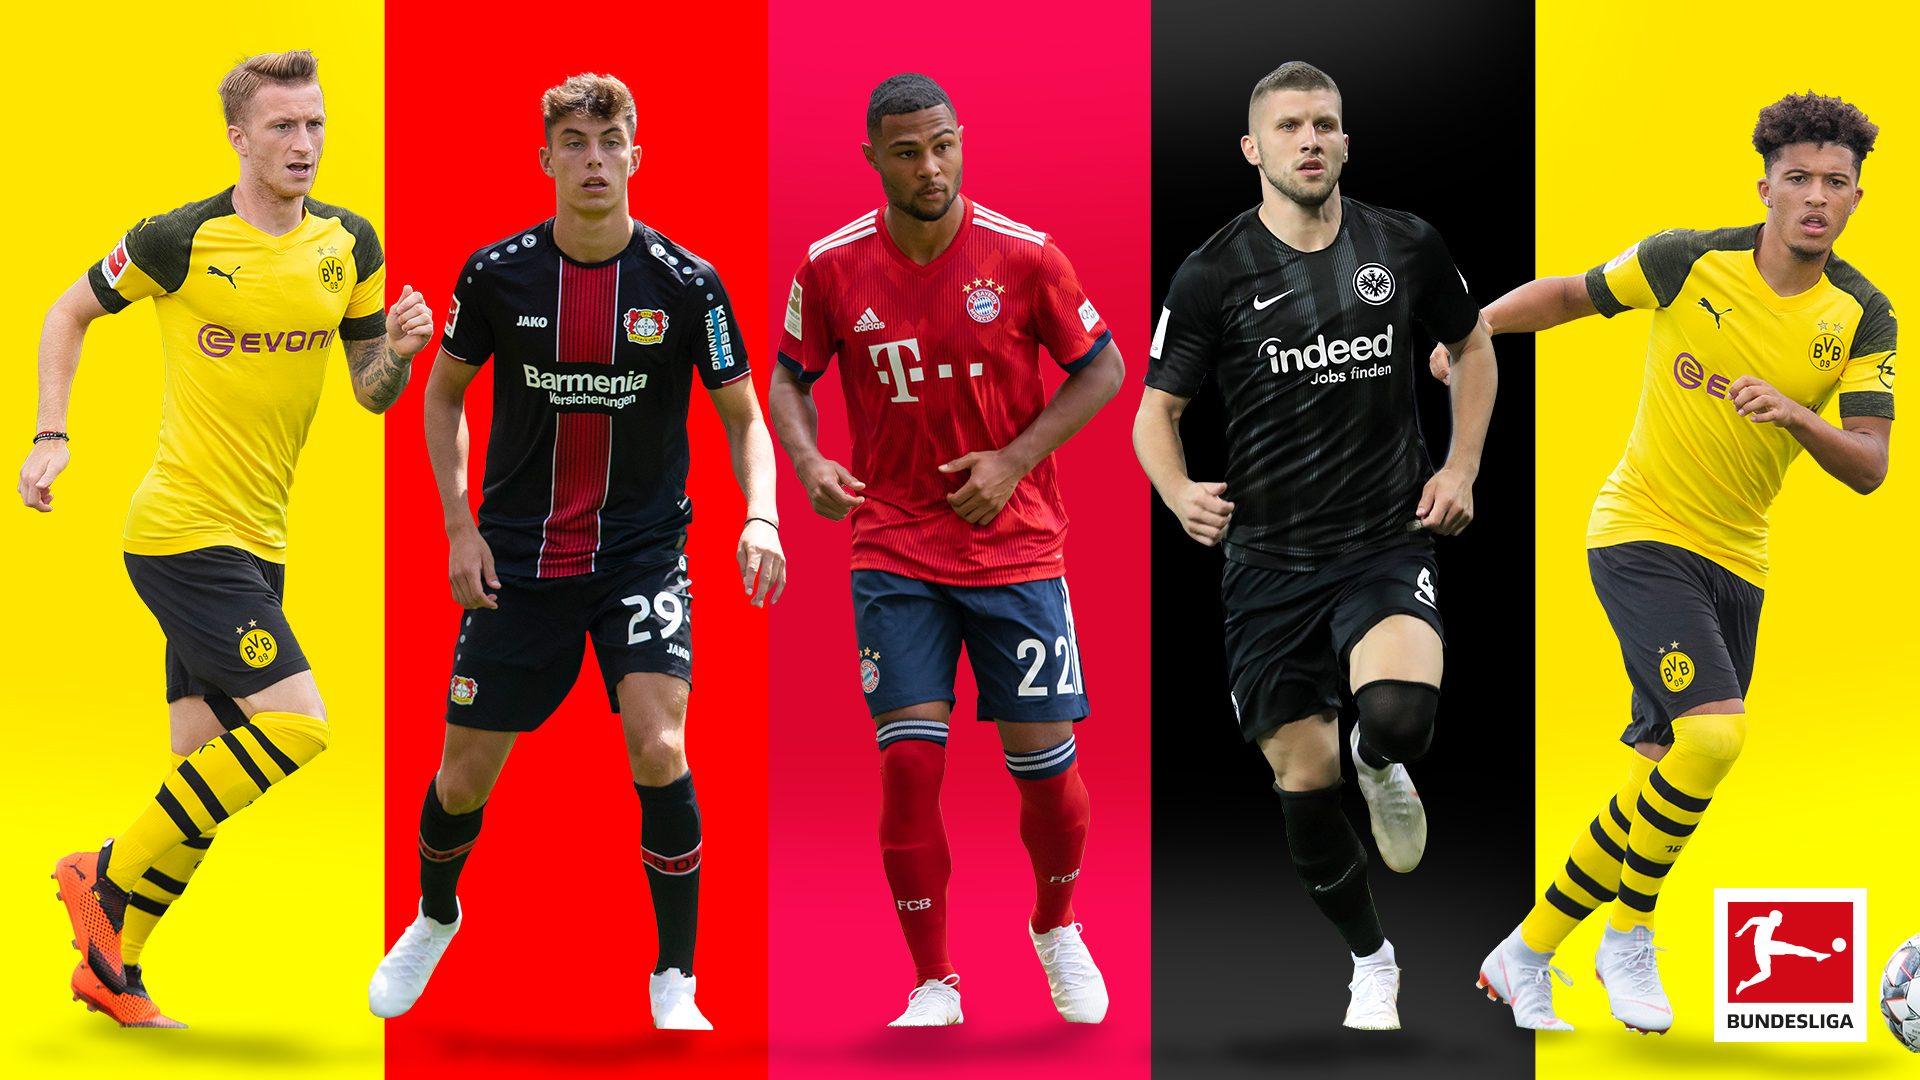 Die besten Tricks und Tore der Bundesliga-Stars